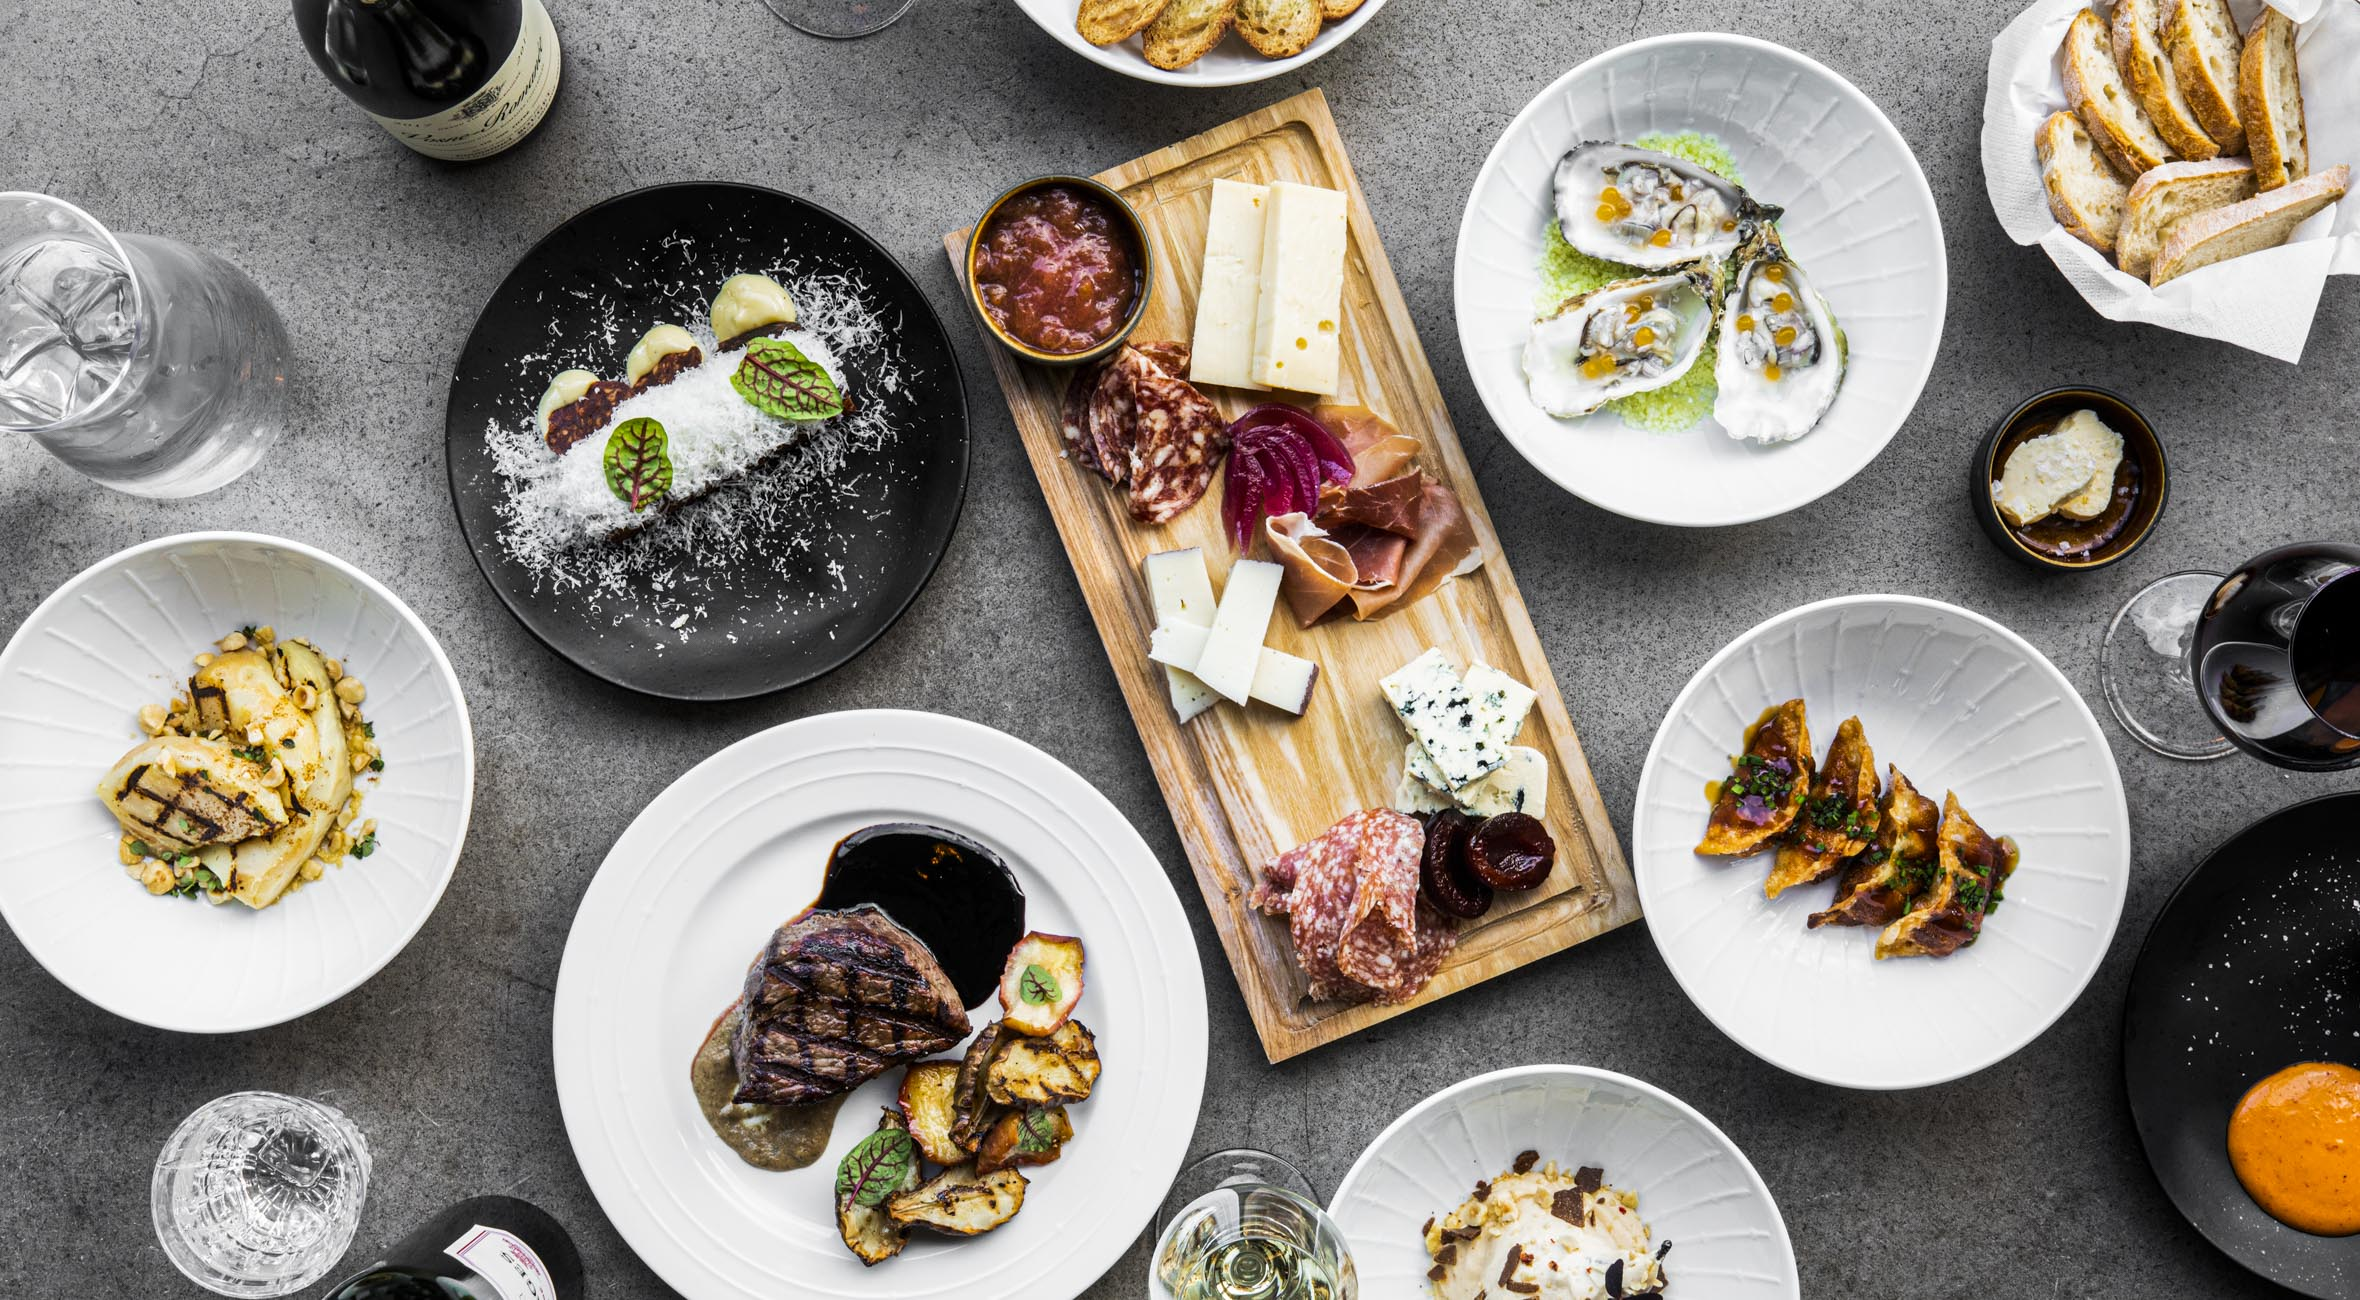 Frit valg til alt hos RALPHs Mad & Vin – Kombineret restaurant og vinbar har slået dørene op ved Søerne på Østerbro